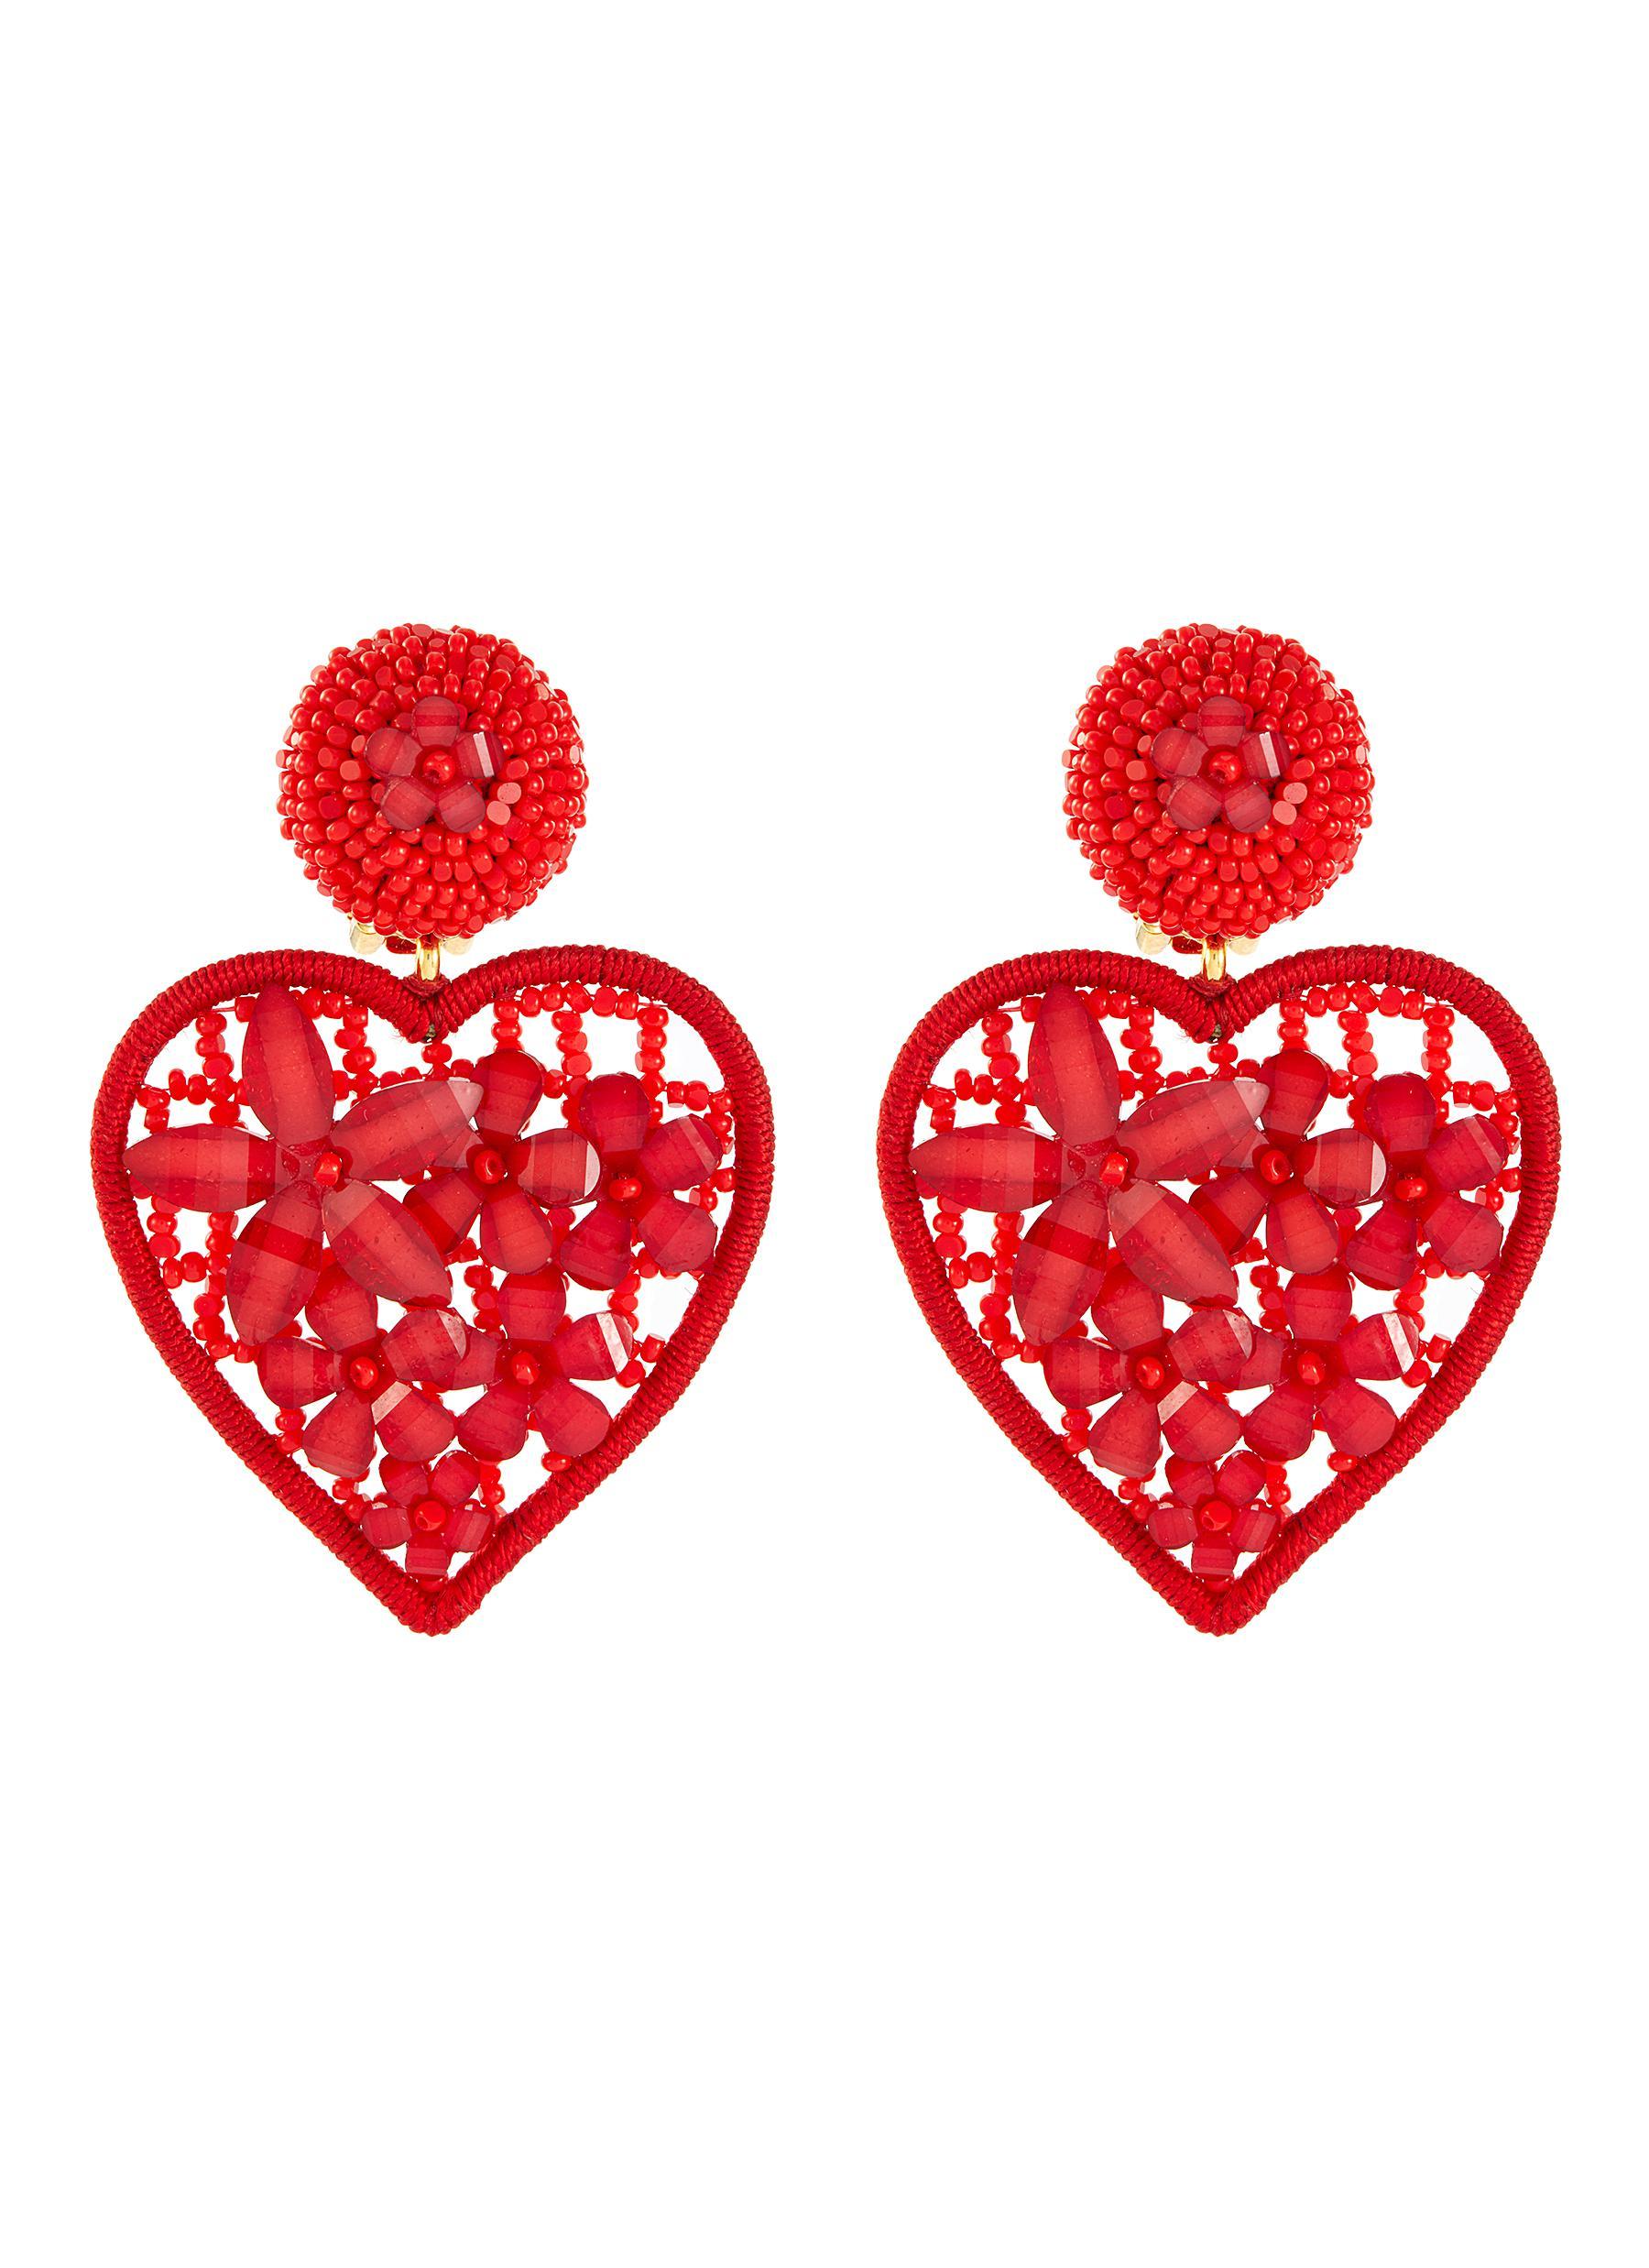 Oscar De La Renta Embellished Heart-Shaped Clip On Earrings